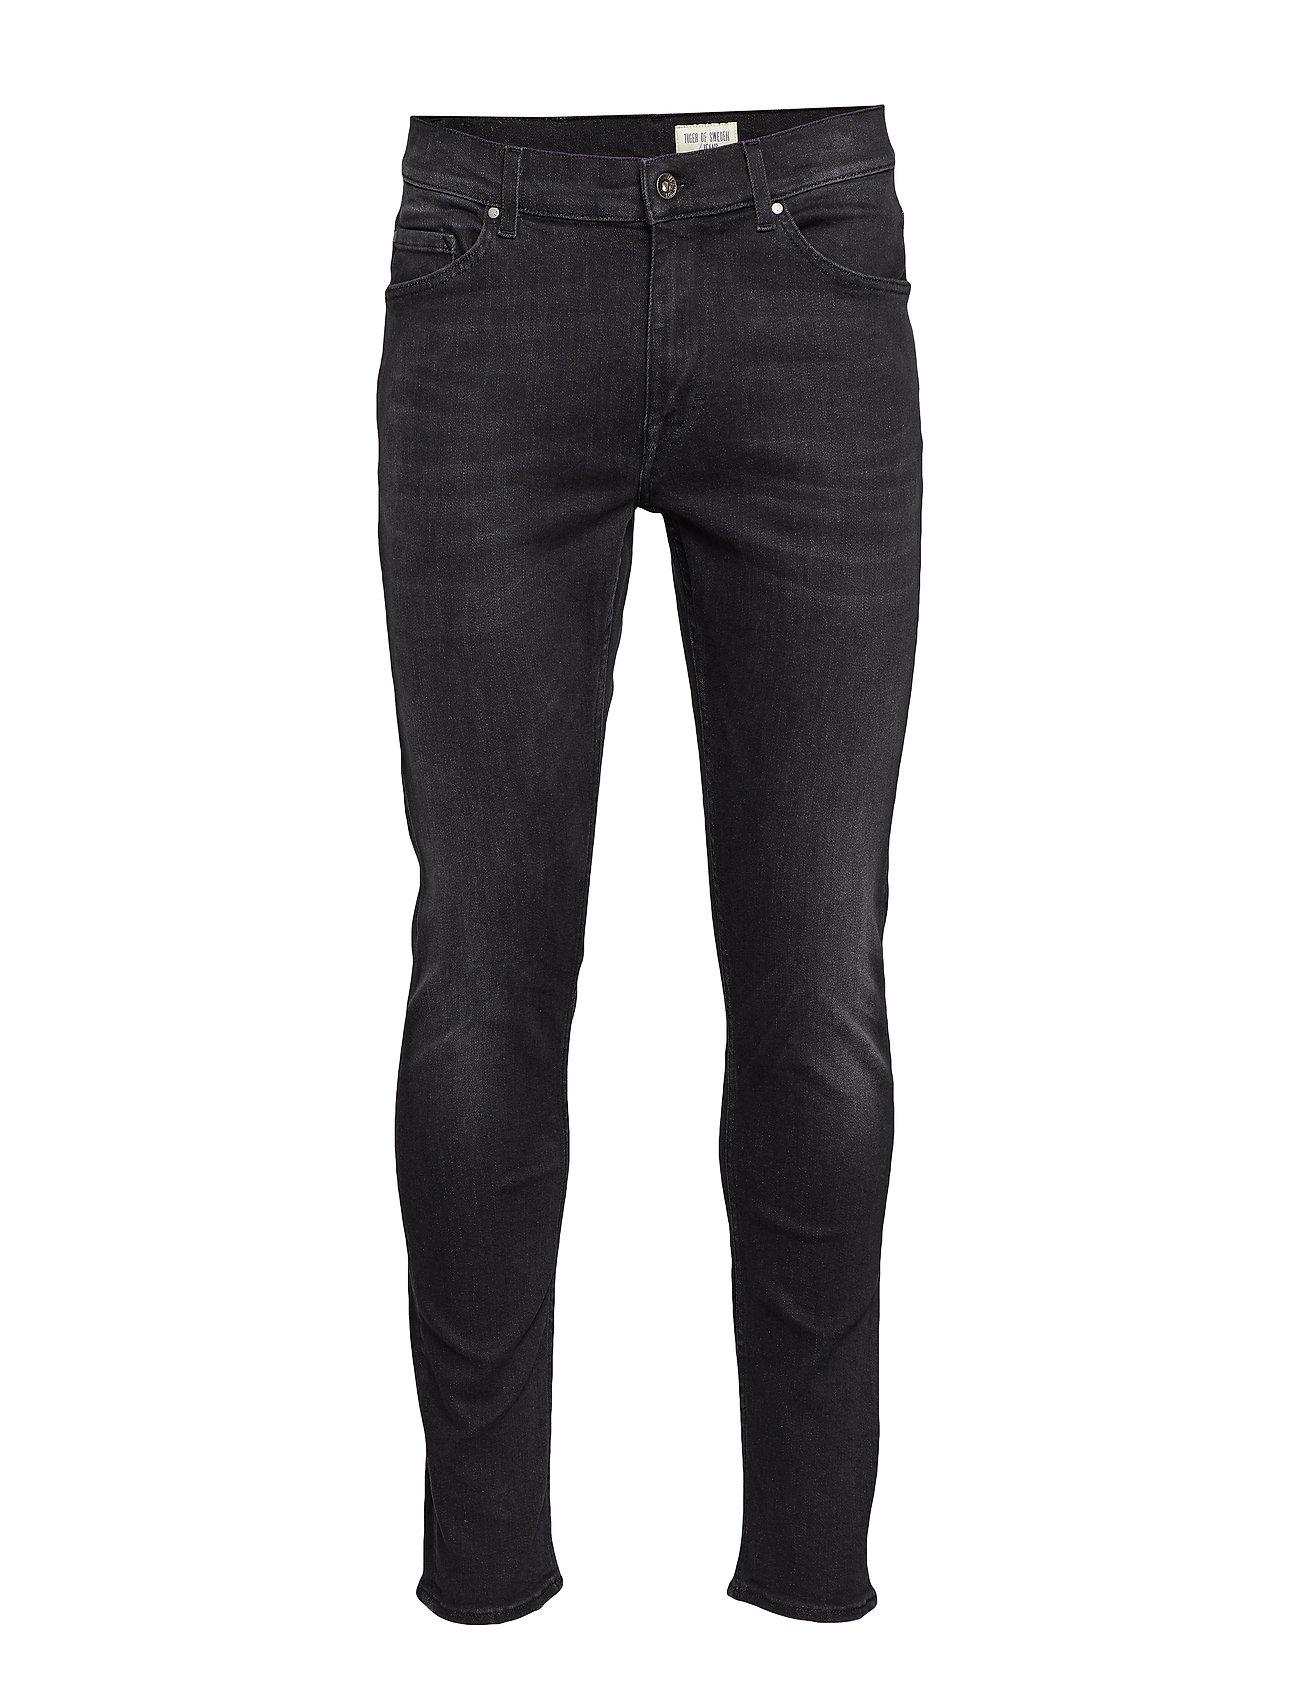 Tiger of Sweden Jeans EVOLVE - BLACK